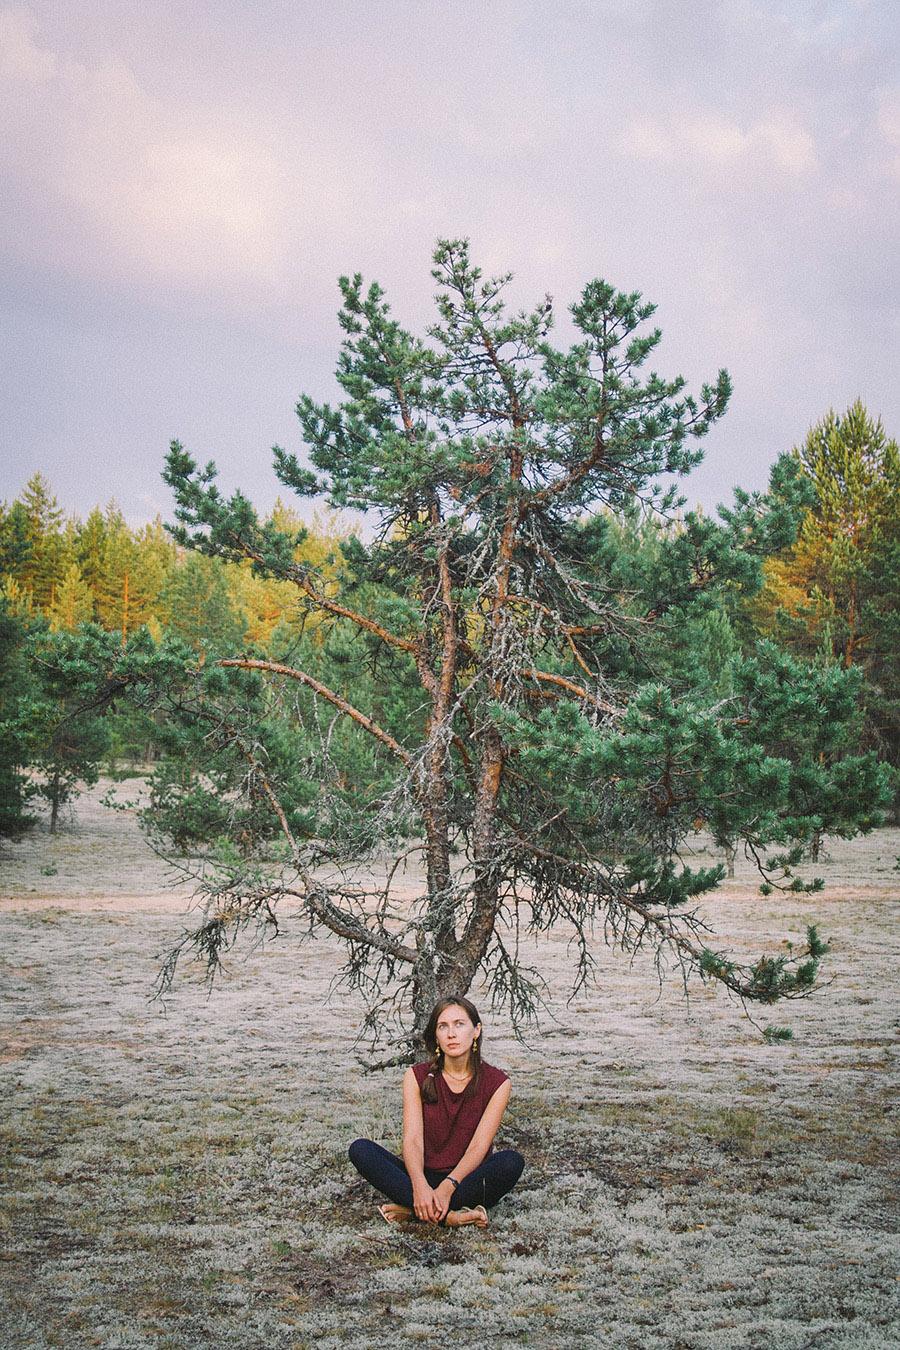 сидящая под деревом девушка